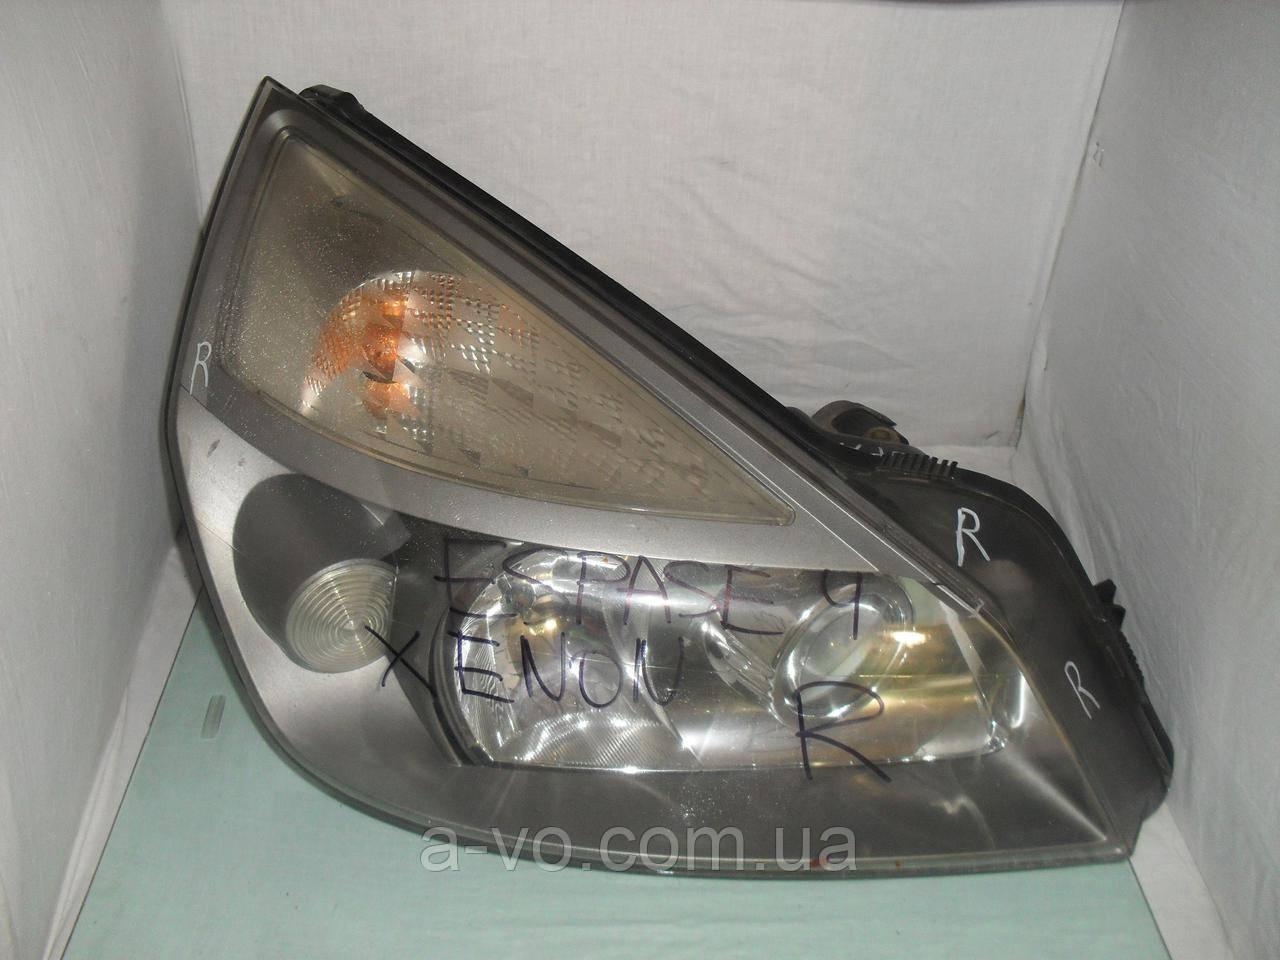 Фара XENON основная правая для Renault Espace 4, Hella 15566000RE